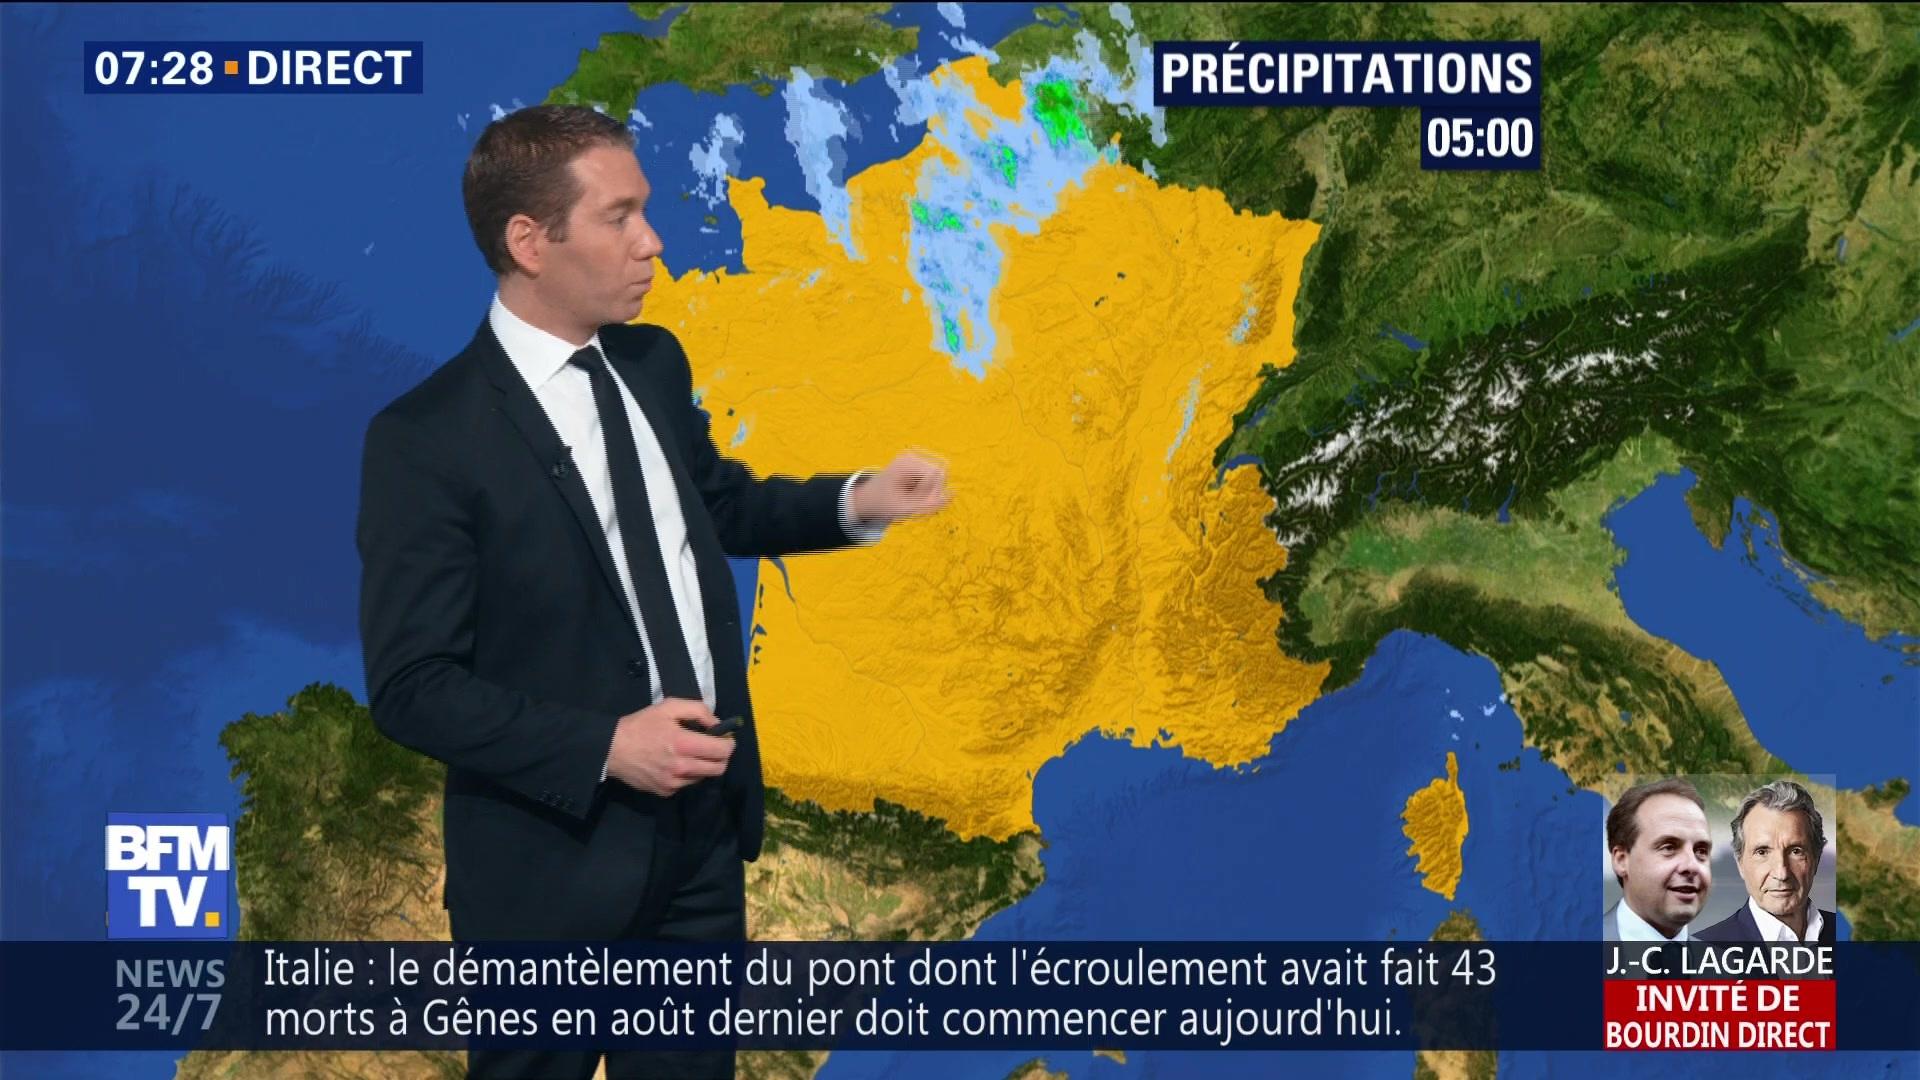 EN VIDEO - La météo de ce vendredi 8 février 2019